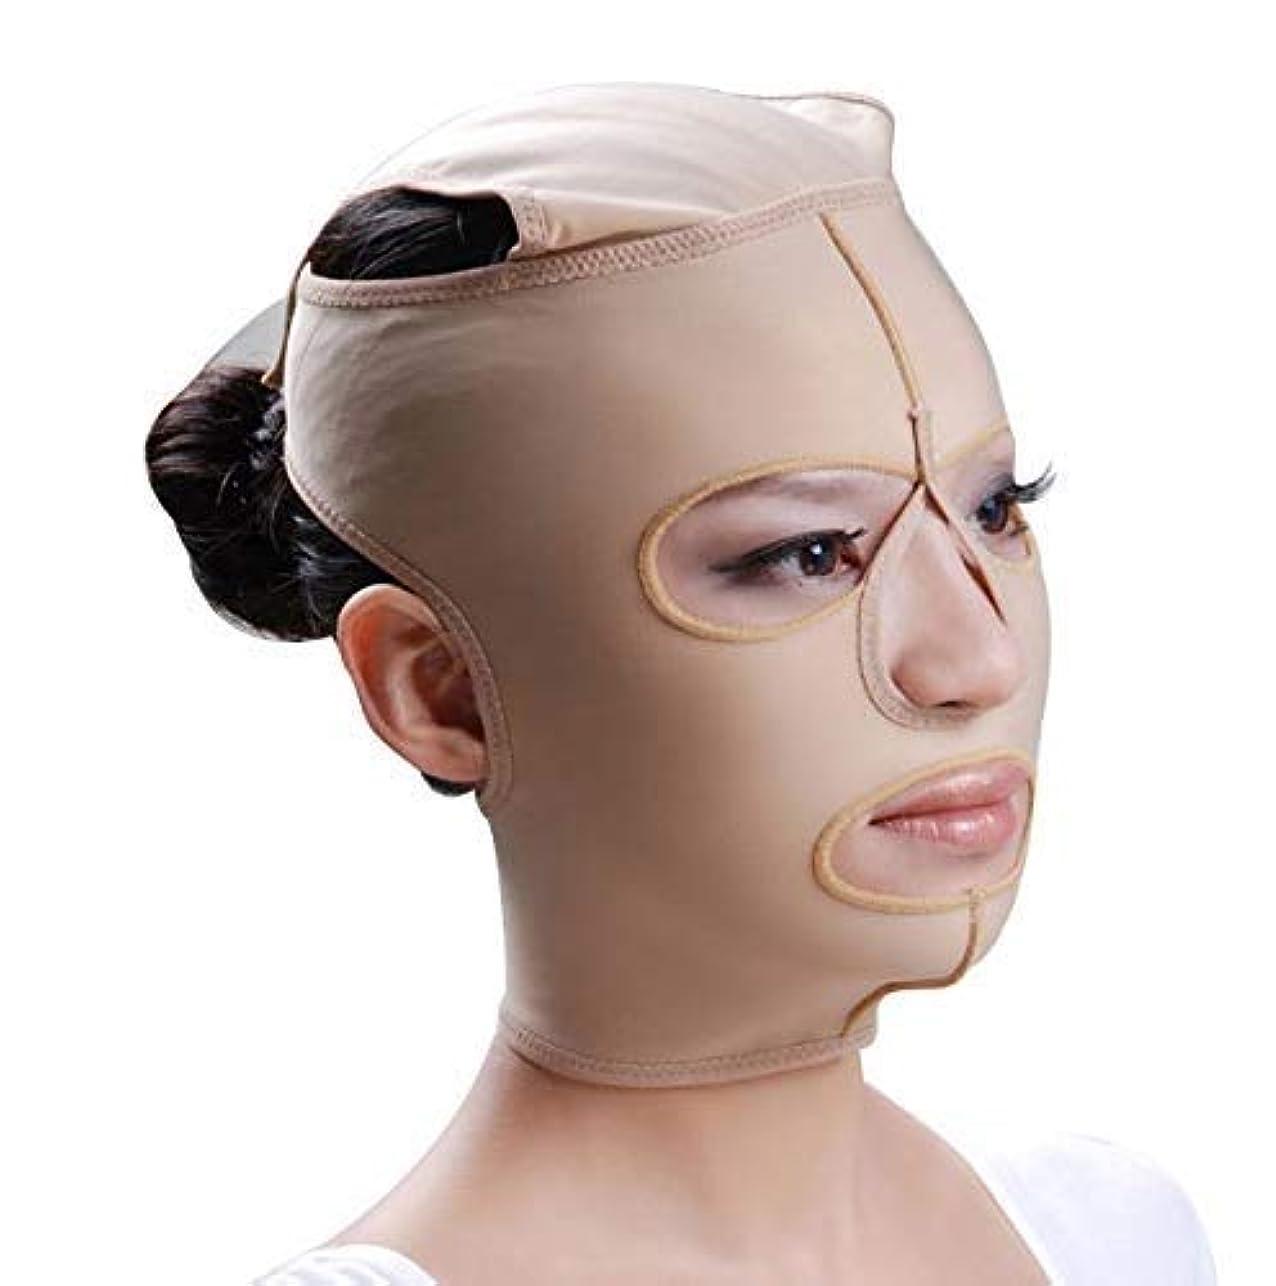 フォロー投資するシャーファーミングフェイスマスク、フェイシャルマスク弾性フェイスリフティングリフティングファーミングパターンマイクロフィニッシングポストモデリングコンプレッションフェイスマスク(サイズ:S)